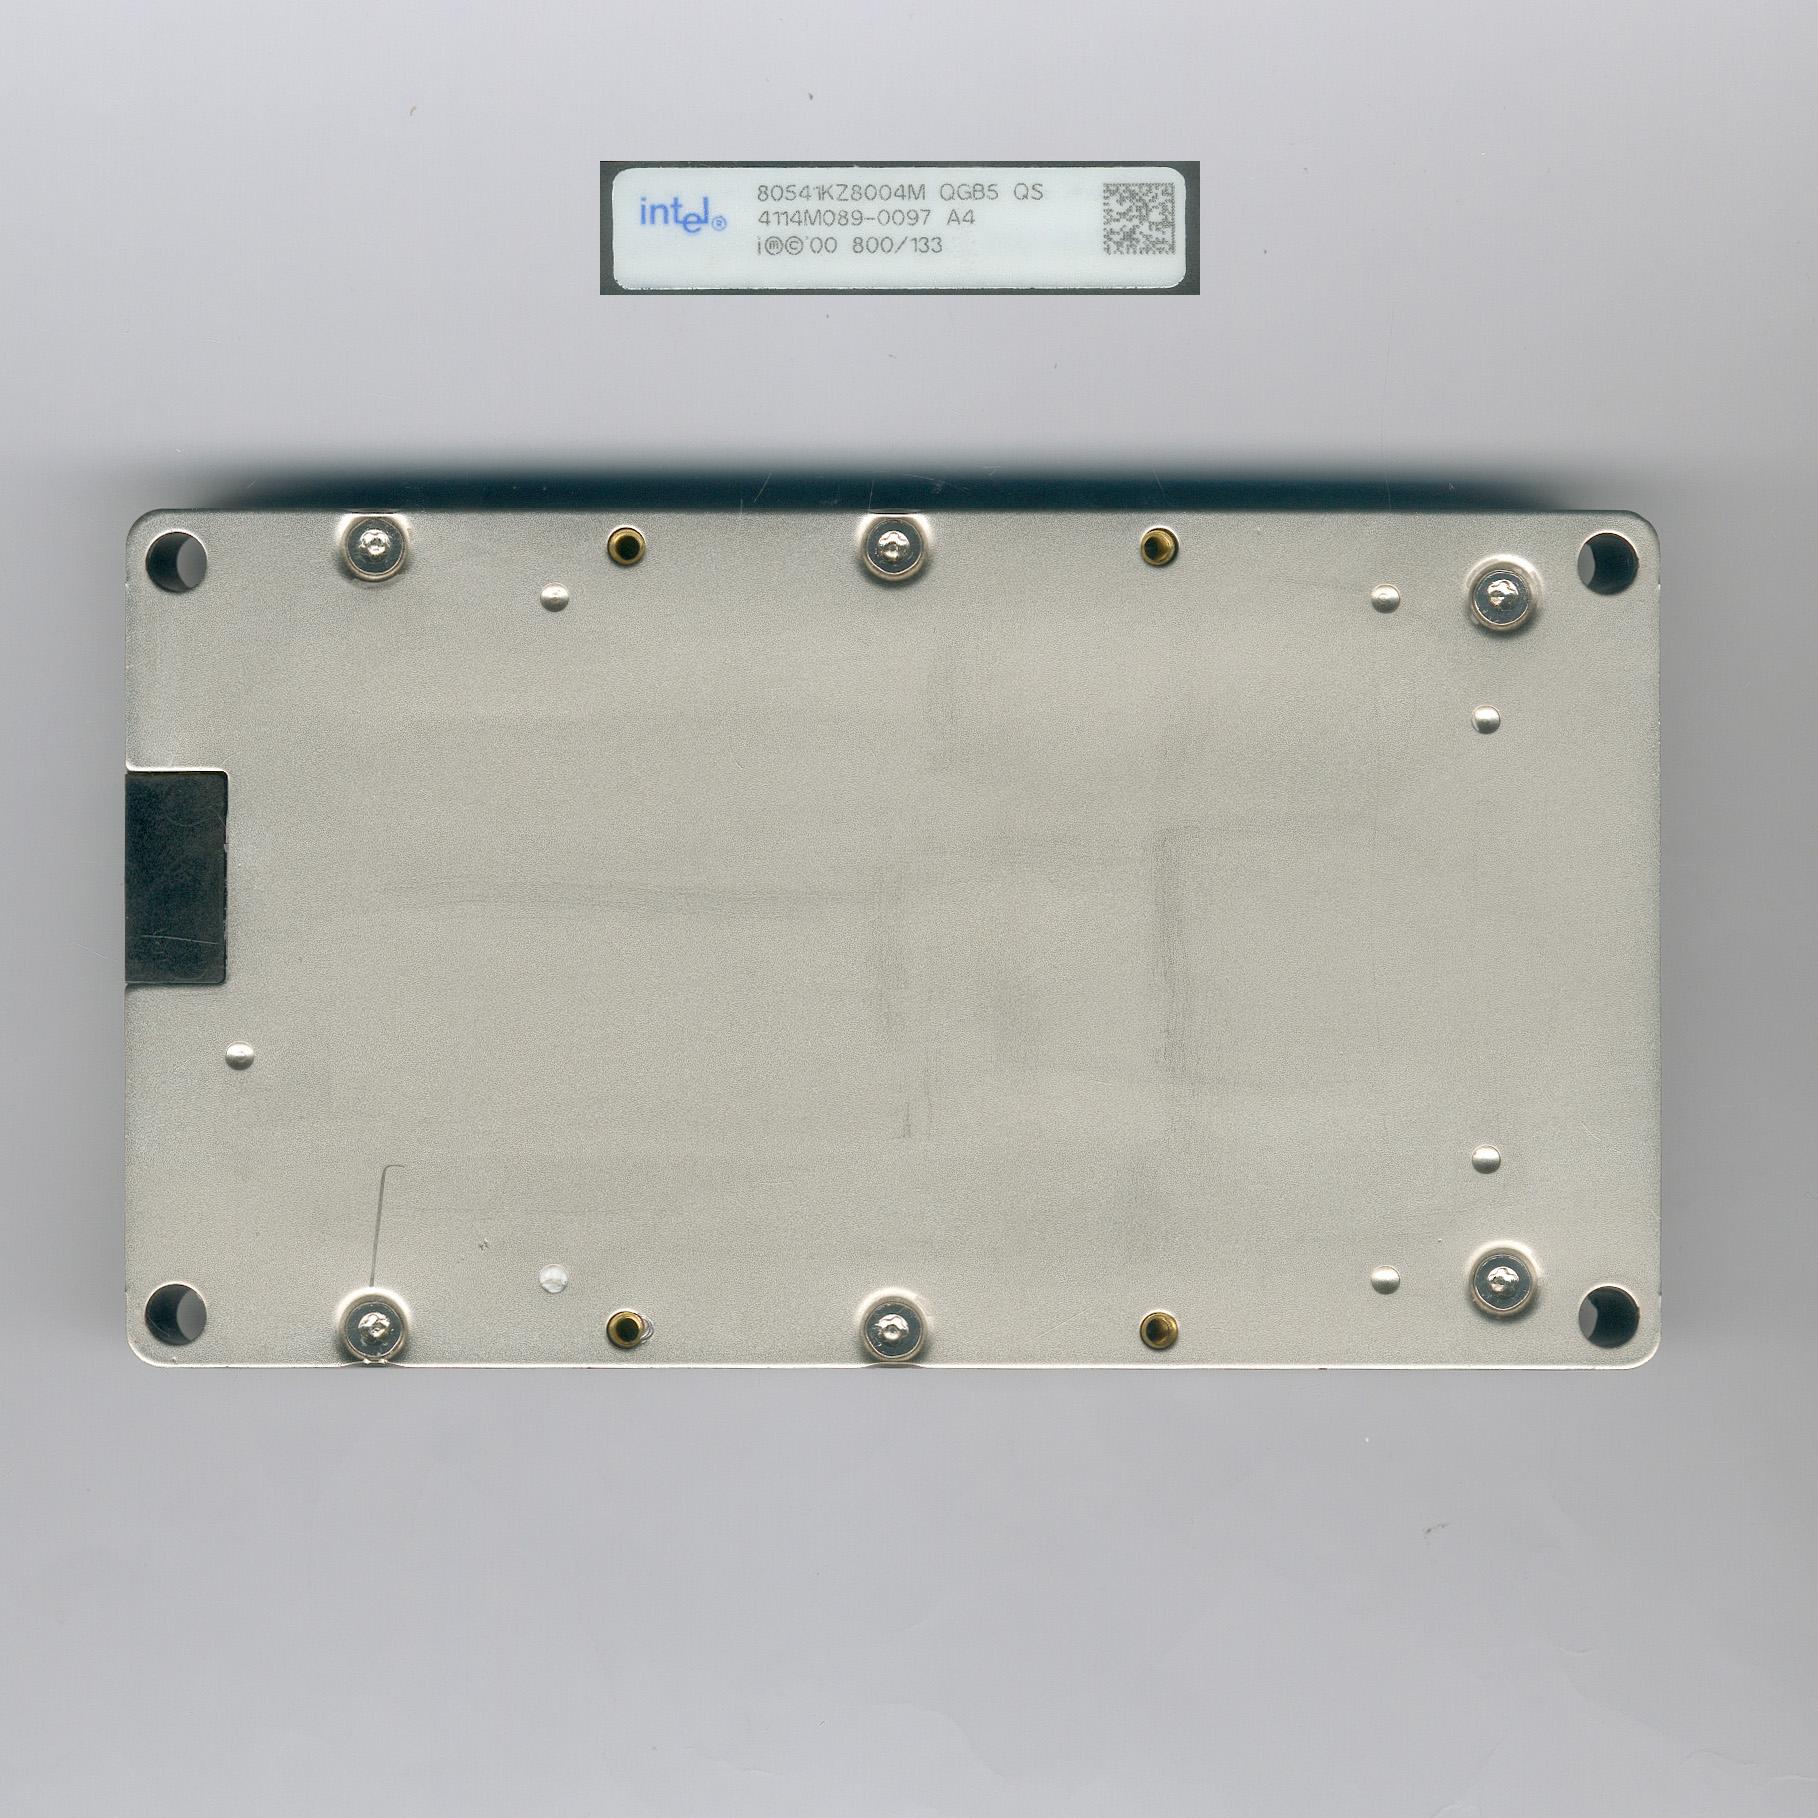 Intel_Itanium800_QGB5_F.jpg